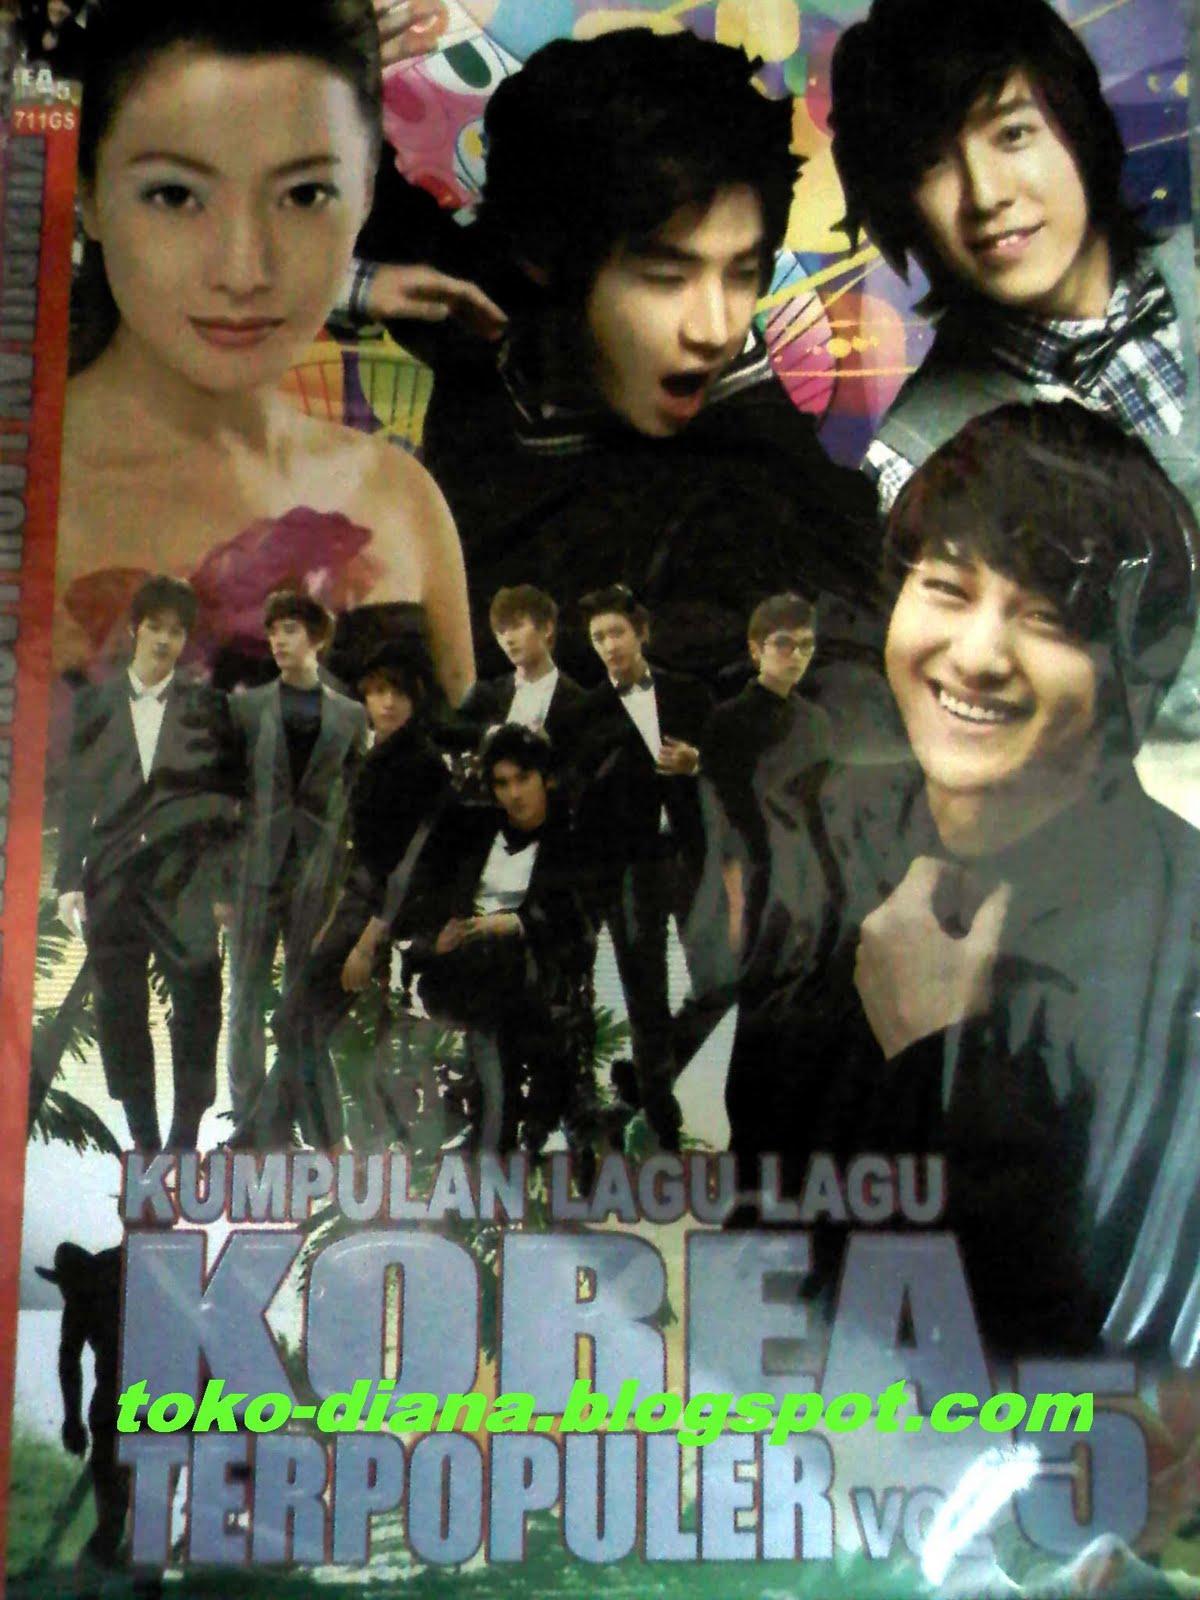 Kumpulan Lagu2 Korea Terpopuler Vol 4, 5, 6, 7